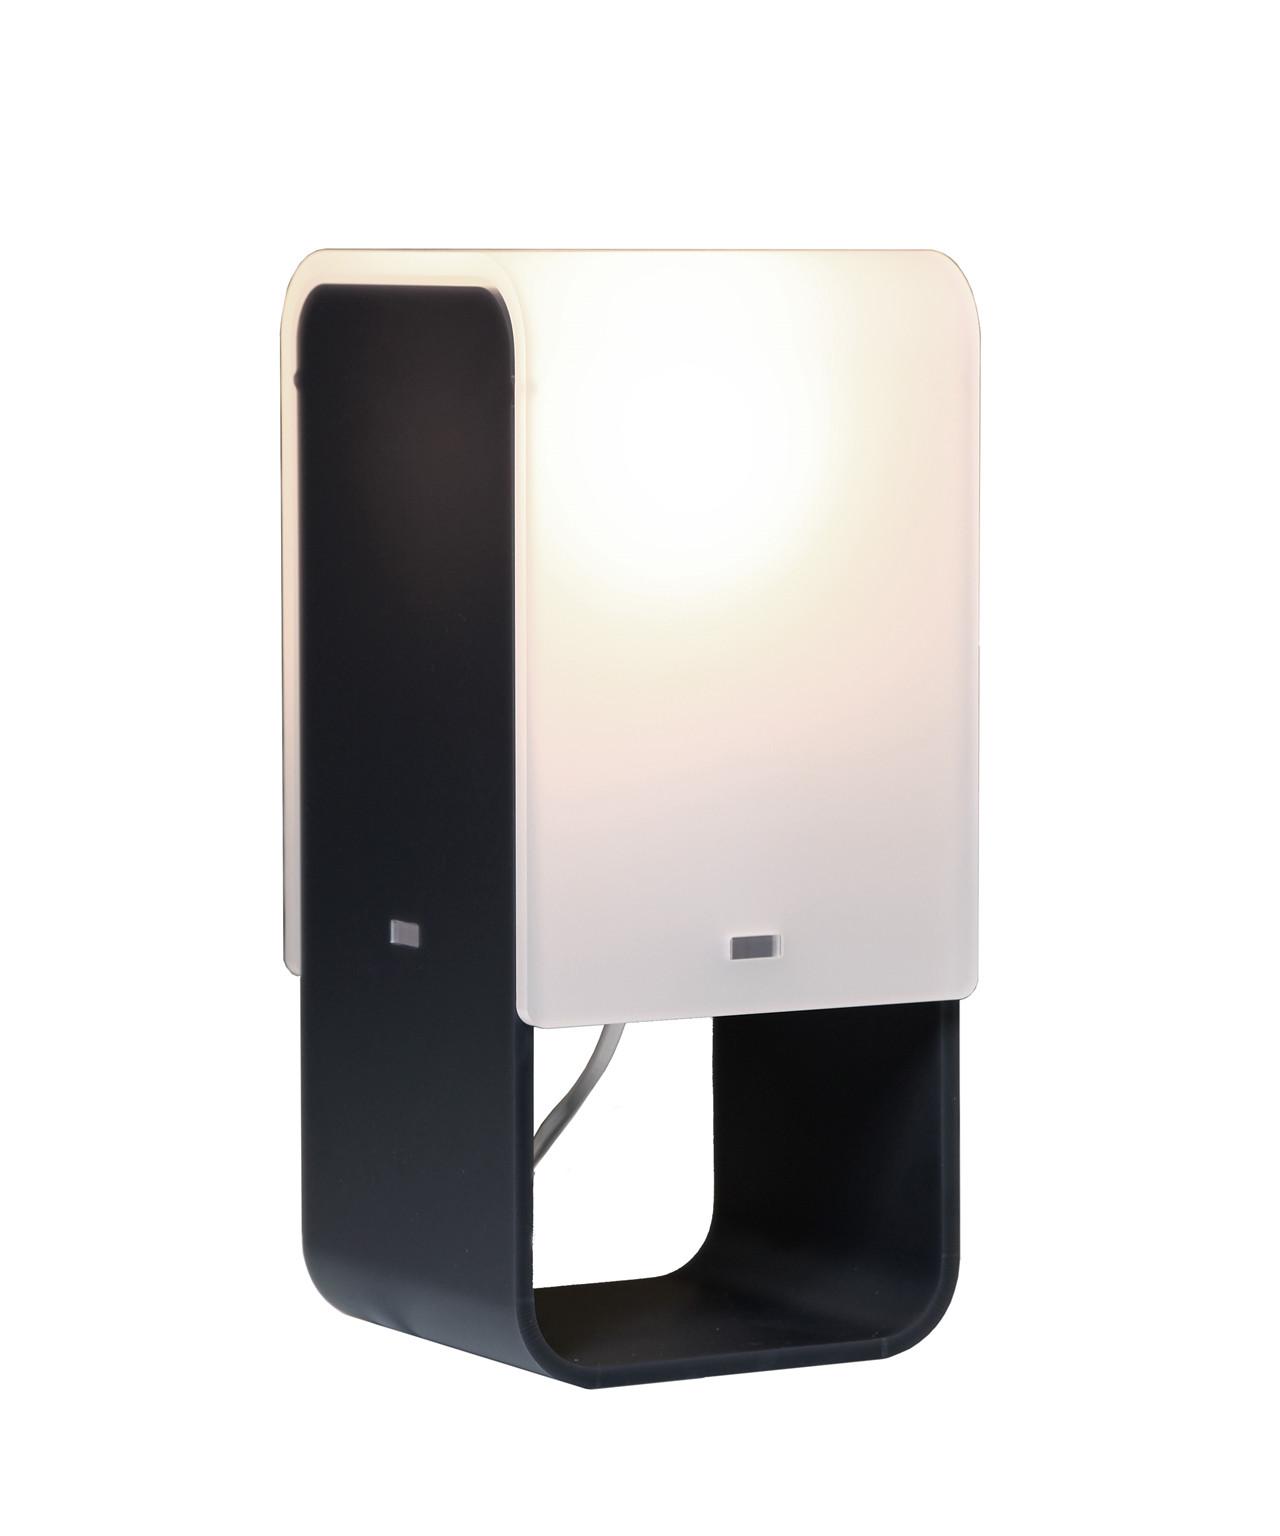 DesignMorten Flensted for Cph Lighting Koncept Morten Flensted har skabt Lightsquare hvid som en bordlampe med et grafisk udtryk. Materialevalget faldt på Plexiglas-Satin Ice der er et eksklusivt akrylmateriale som giver et smukt, blændfrit lys, gennem selve diffuseren. Vælg mellem fem flotte farver til Lightsquare, så den kan passe perfekt til både farverige og mere nedtonede indretninger. De frække farver lampehuset fremstilles i er Hvid (Snow), Sort (Graphite), Brun (Terra), Grøn (Kiwi) eller Lilla (Plum).